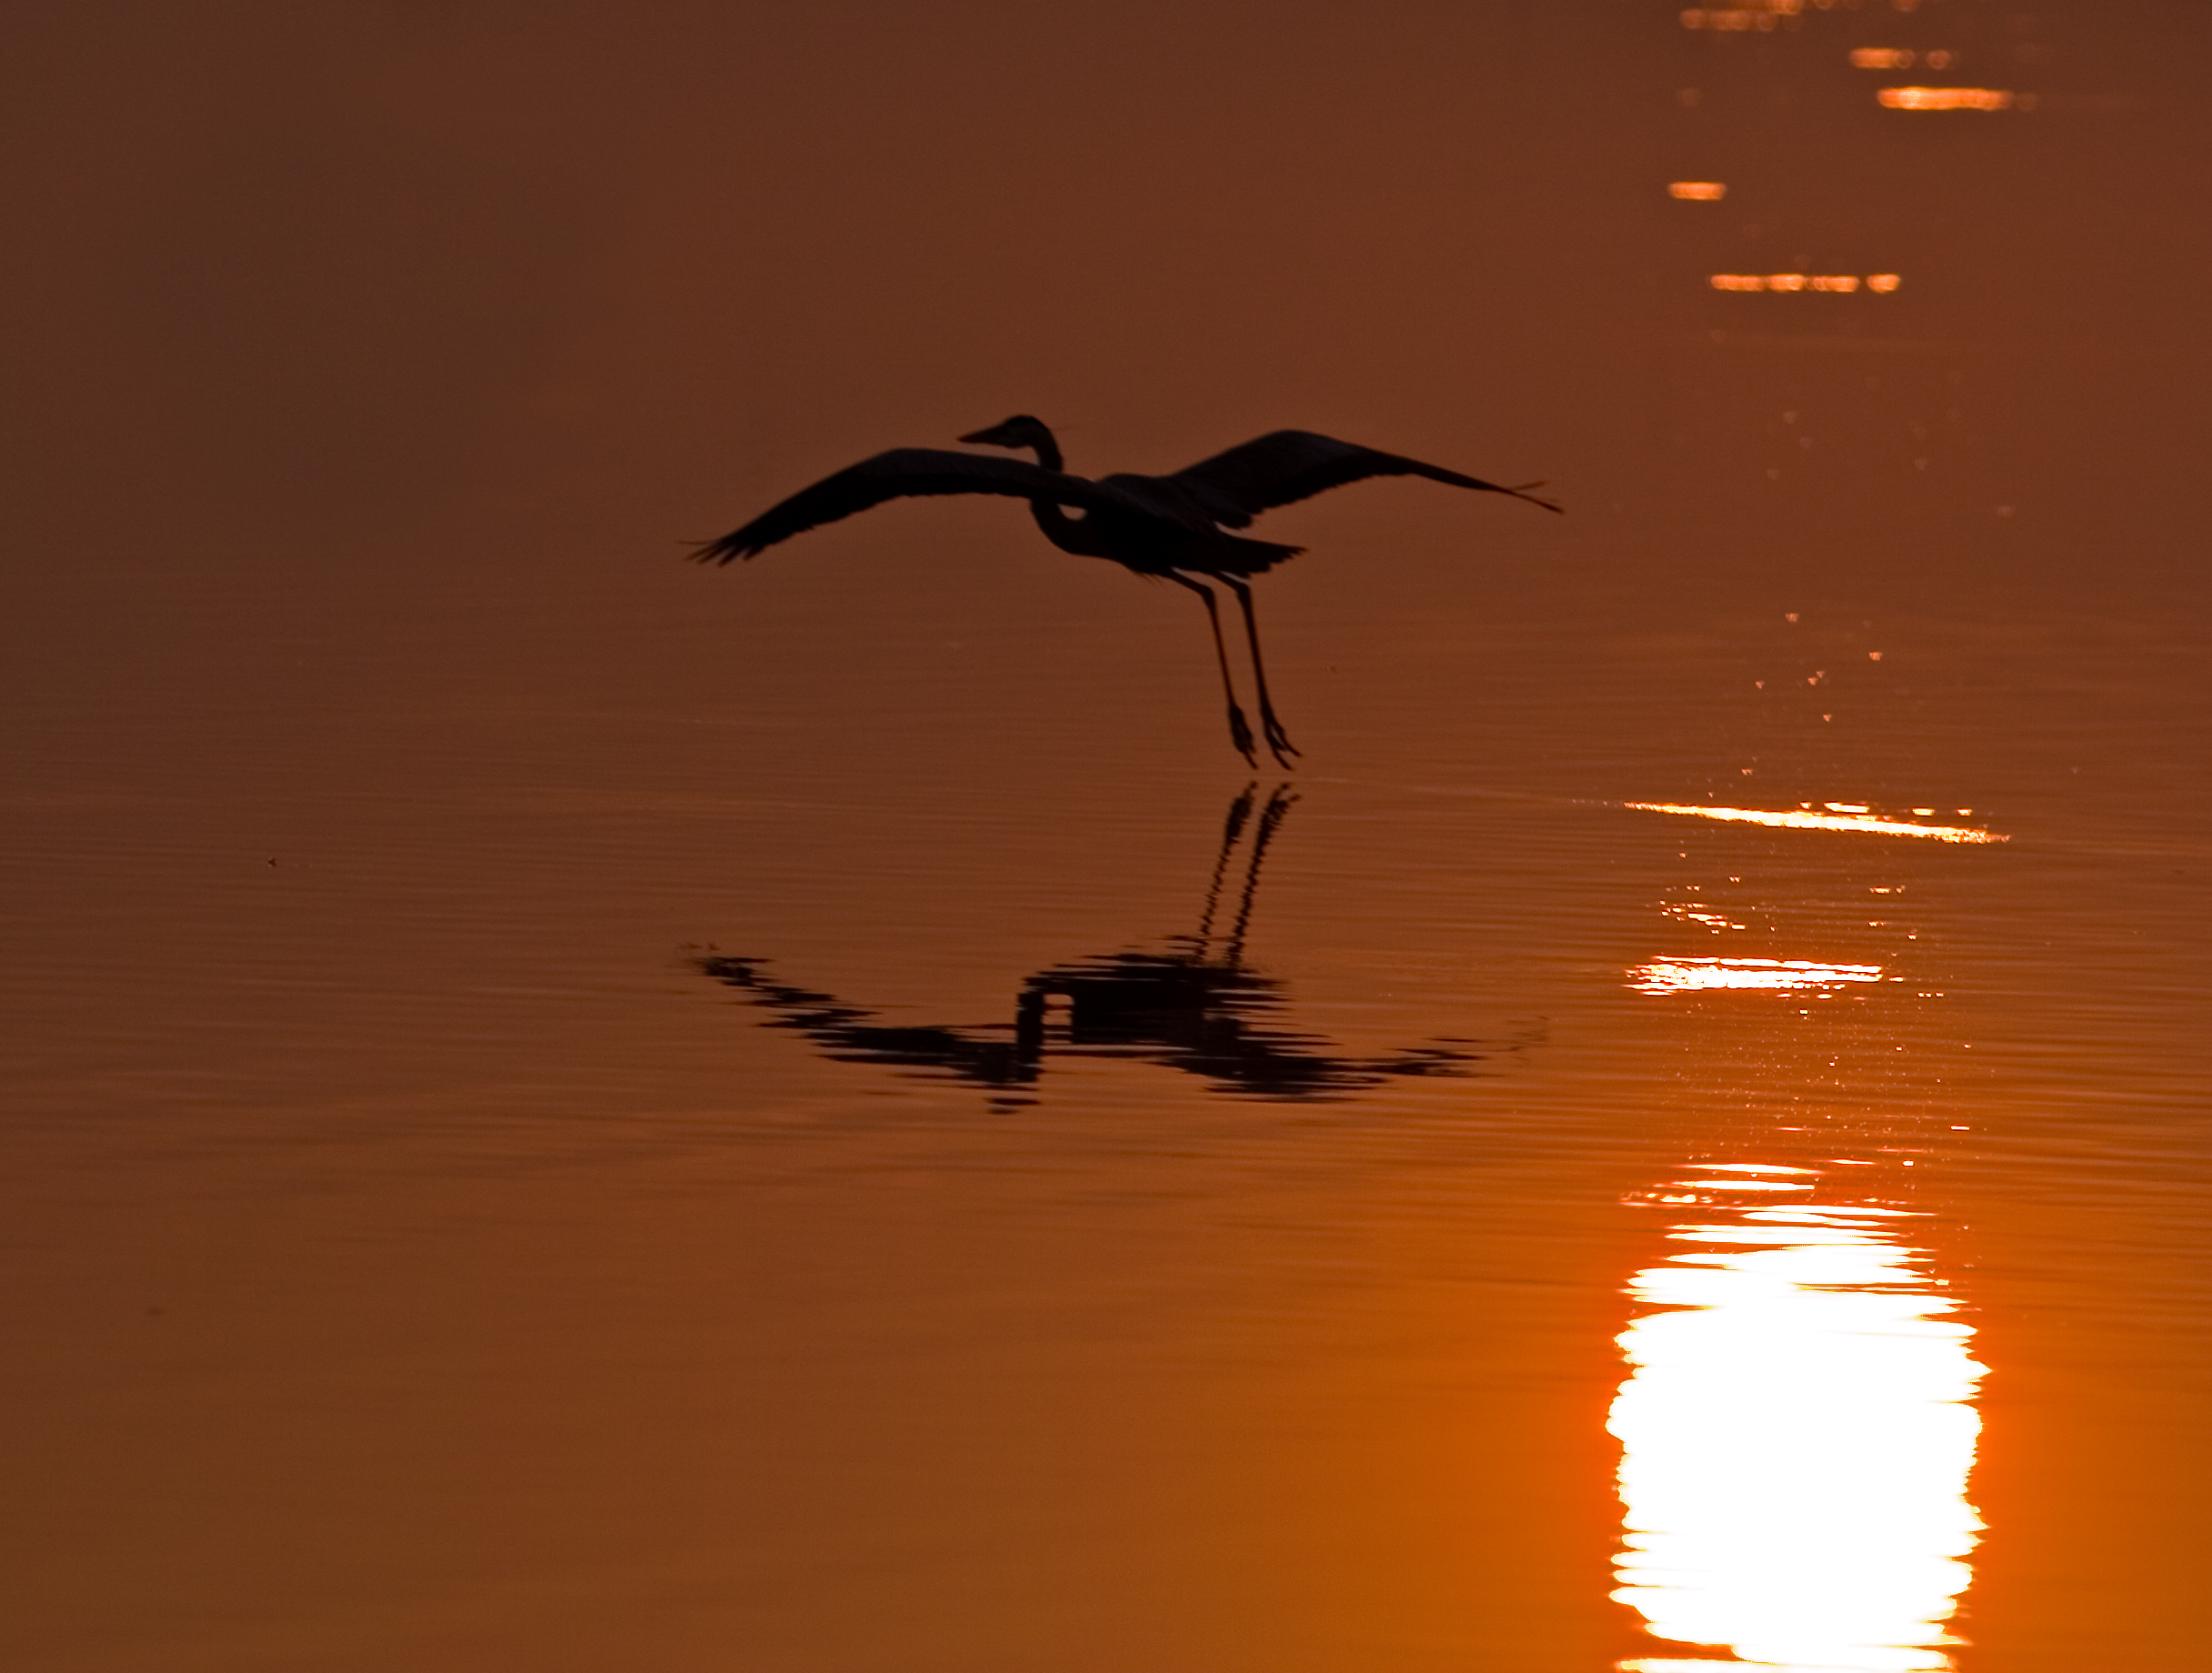 Morning Flight 2 (Great Blue Heron)